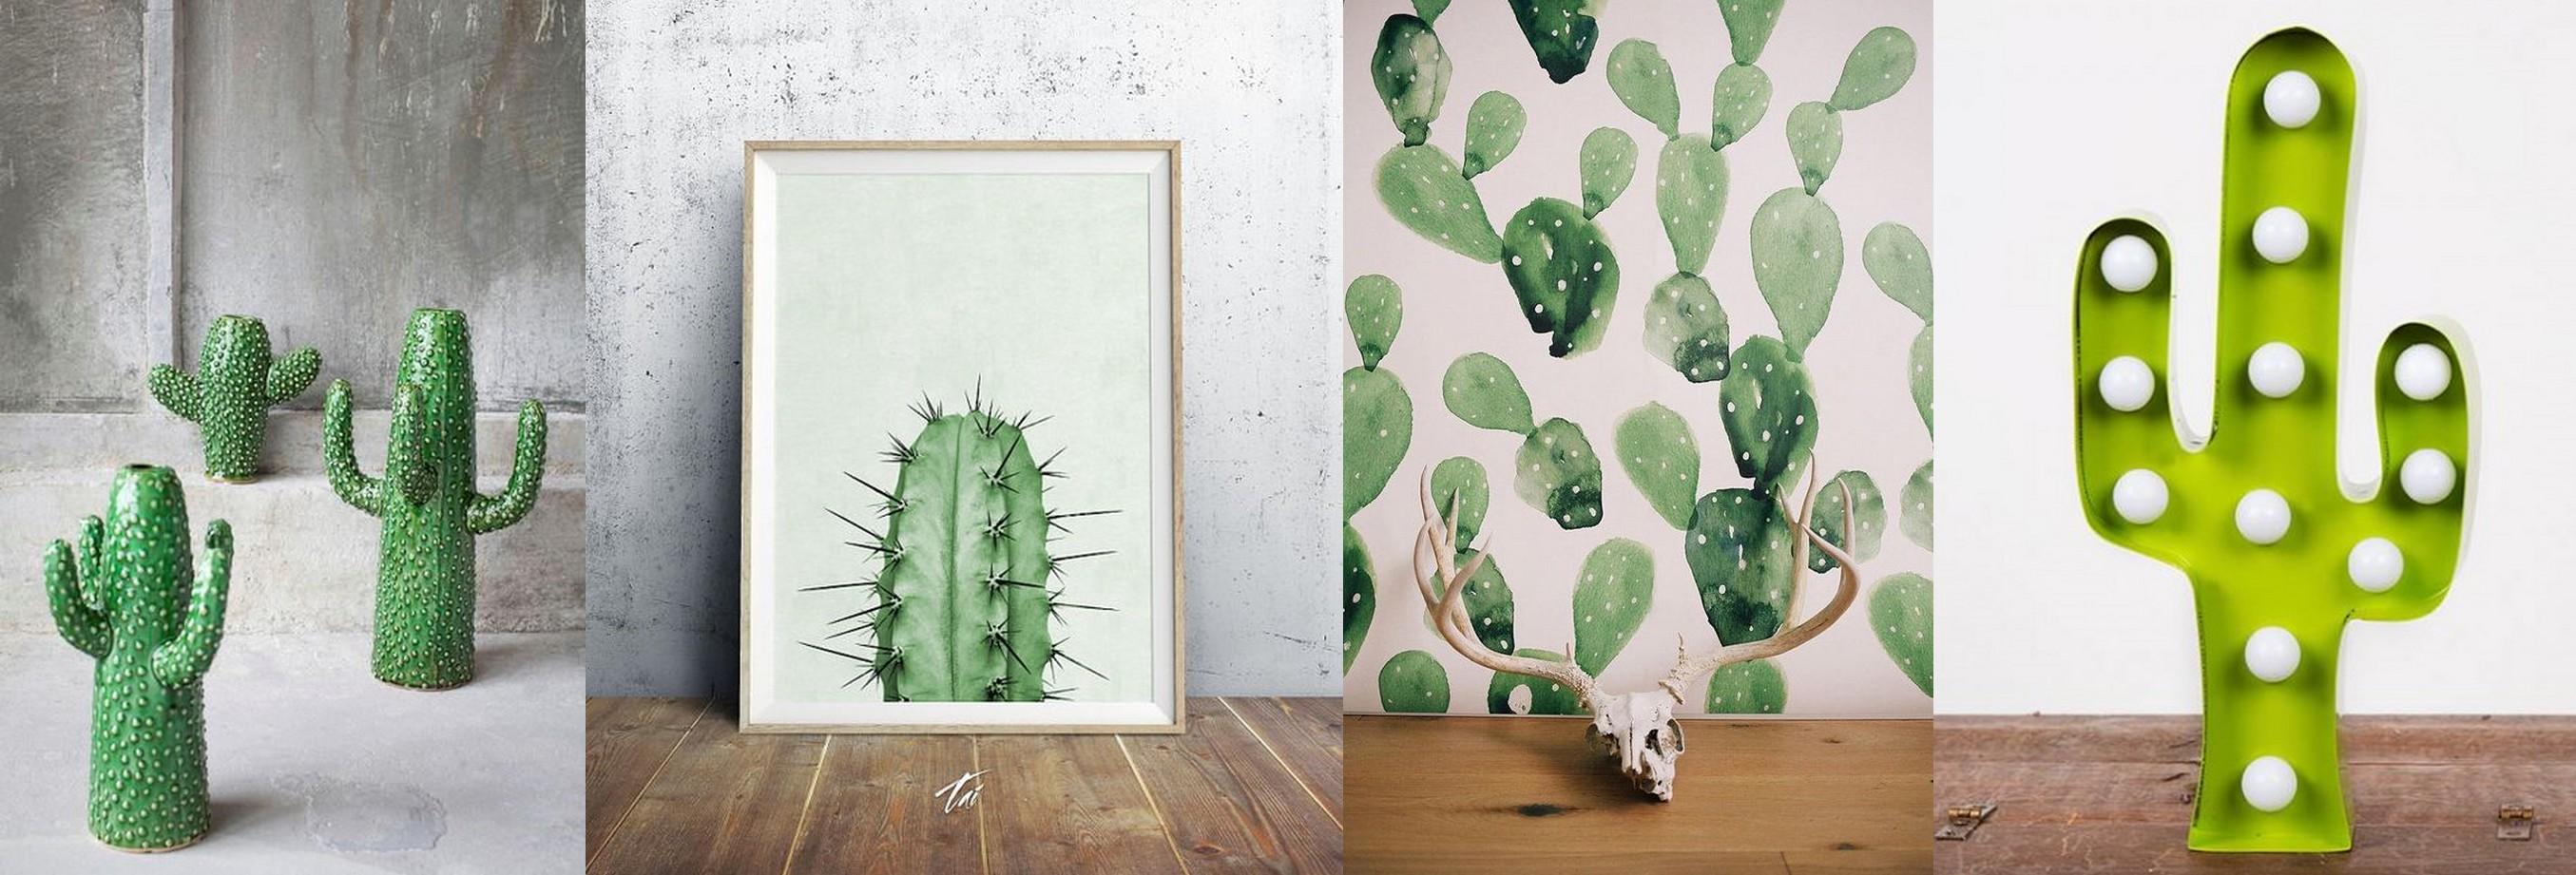 vert-cactus